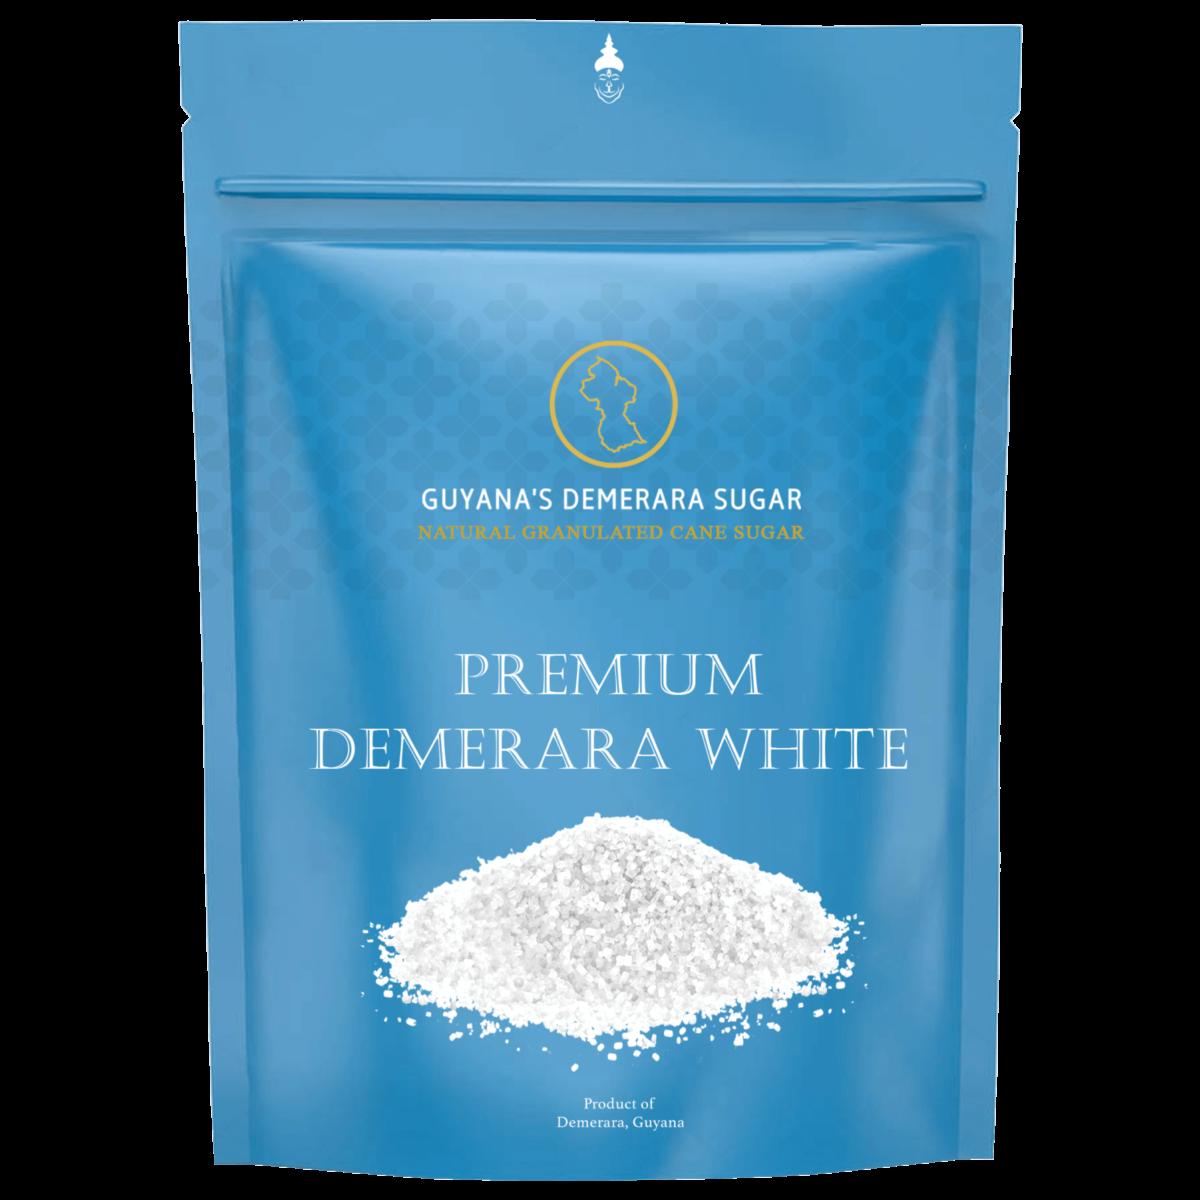 Premium Demerara White